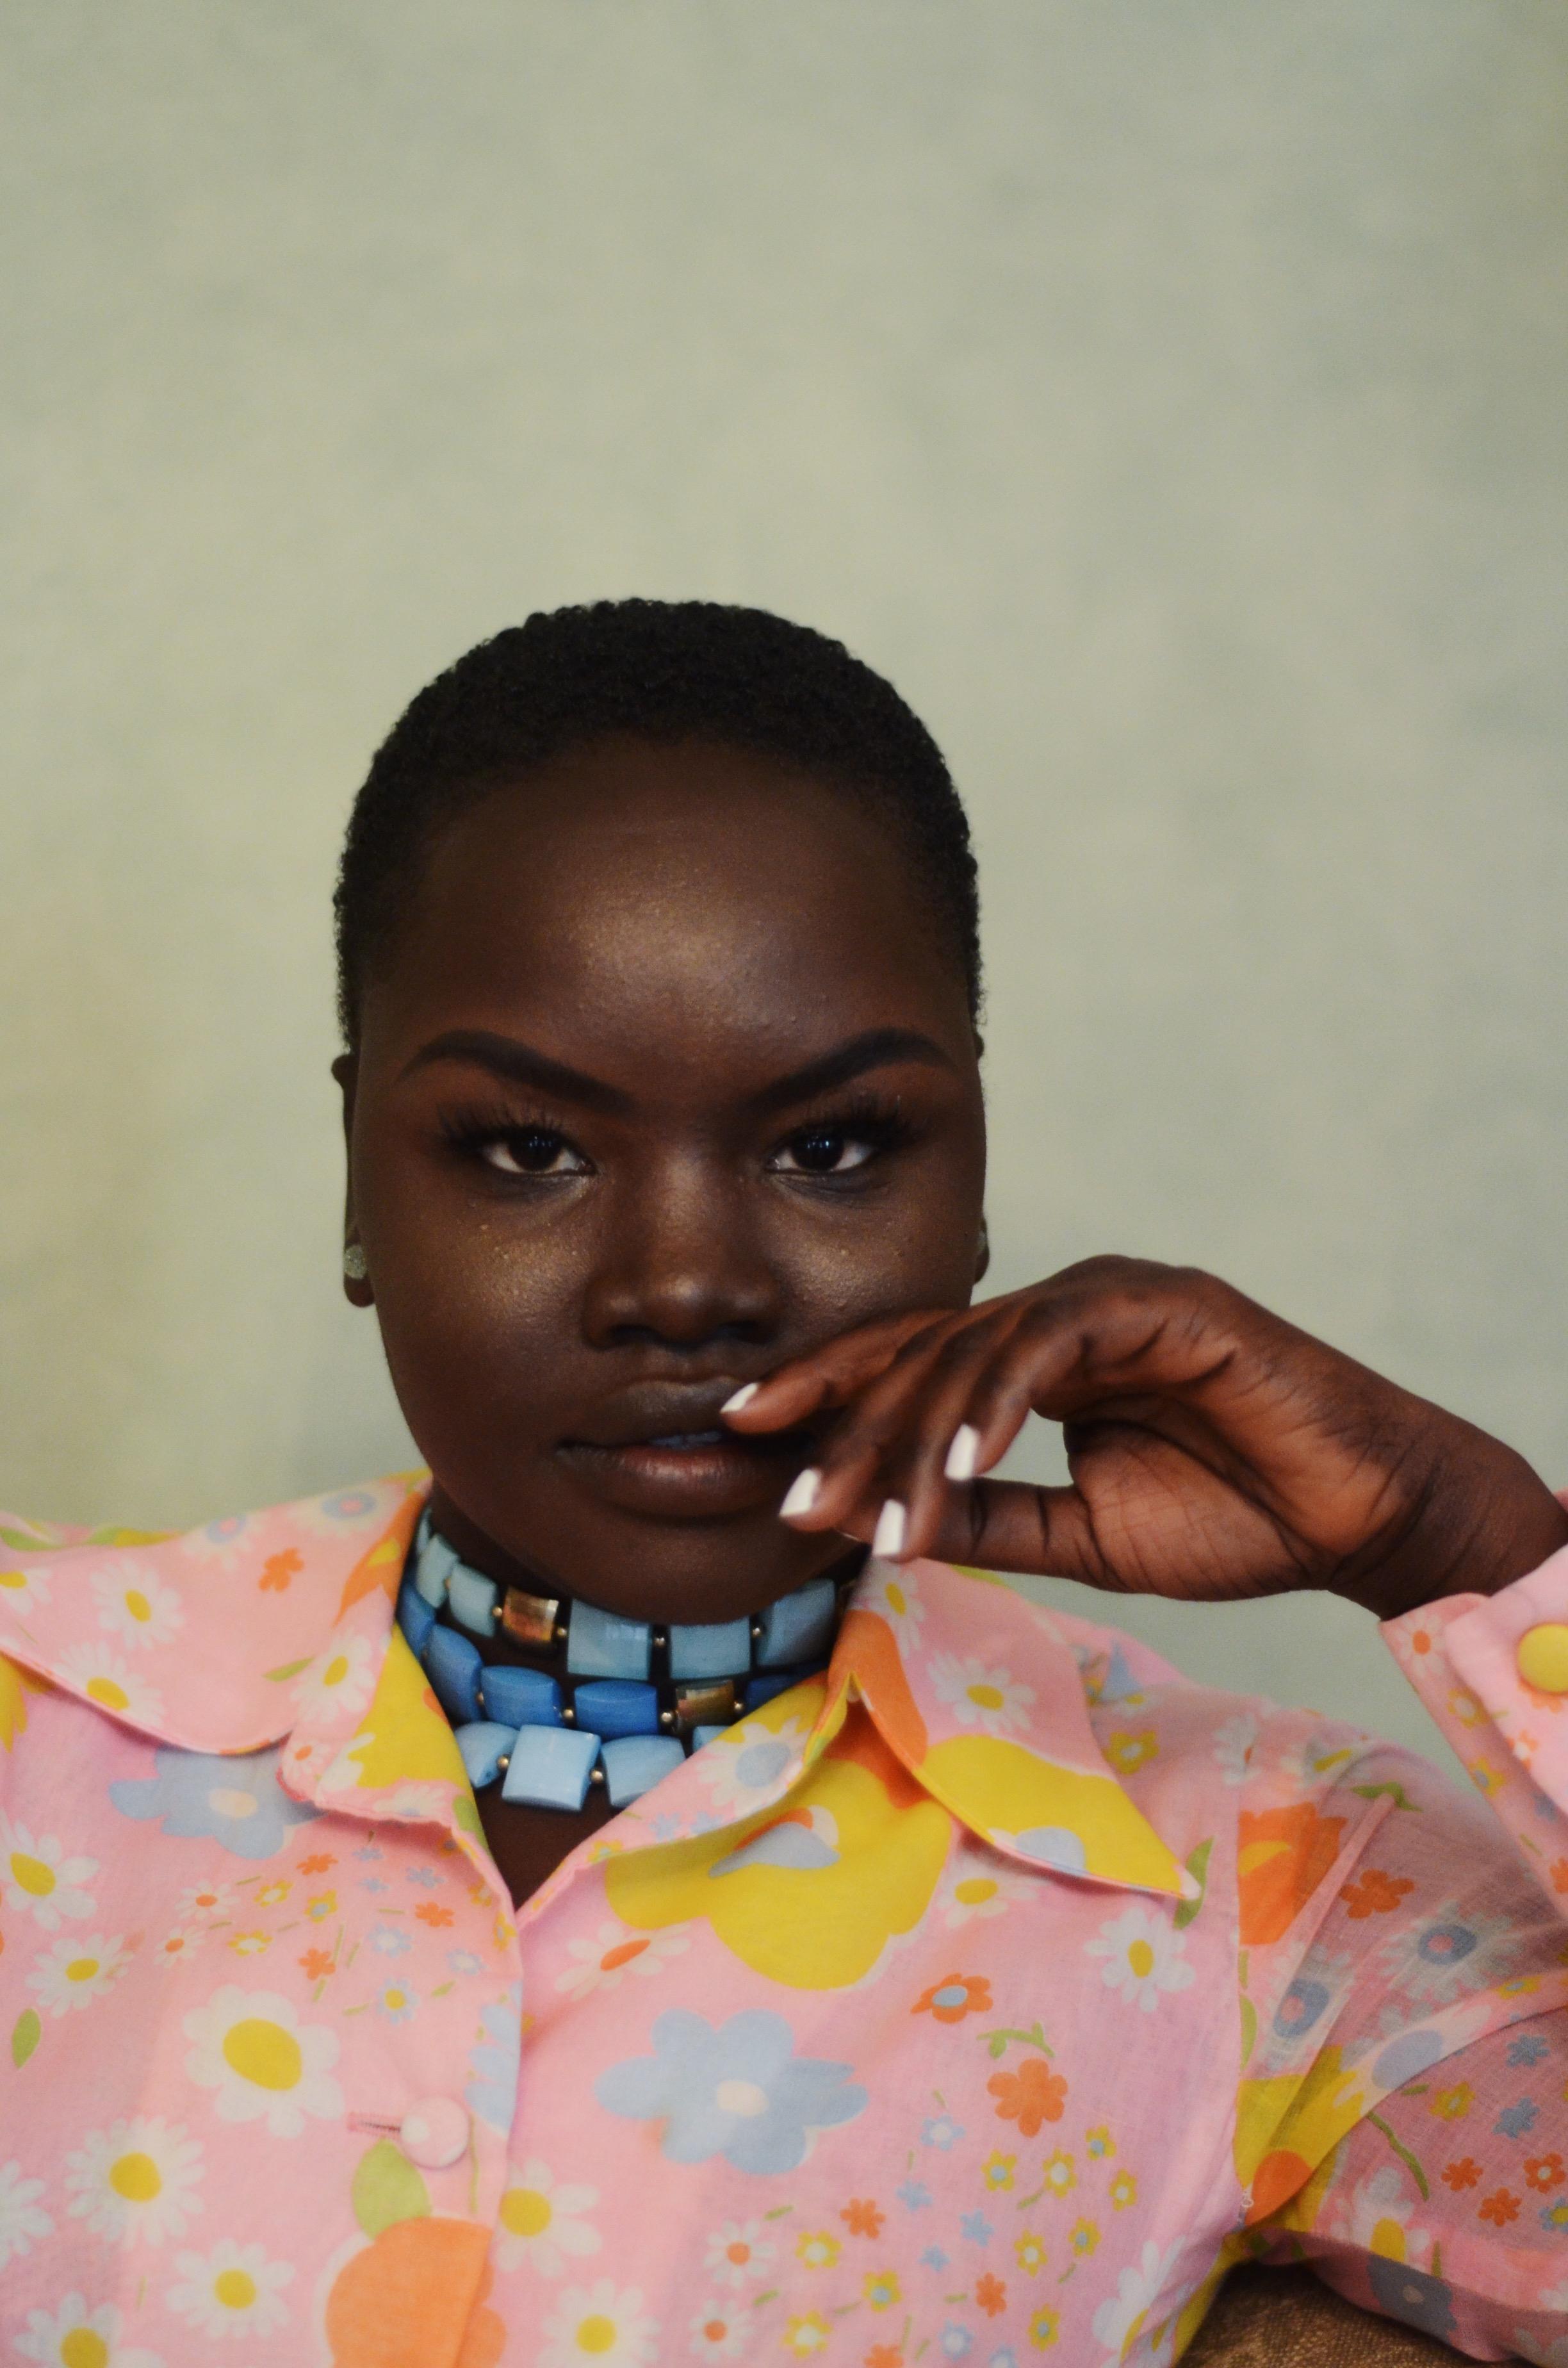 Stephanie Nnamani, Getty Images